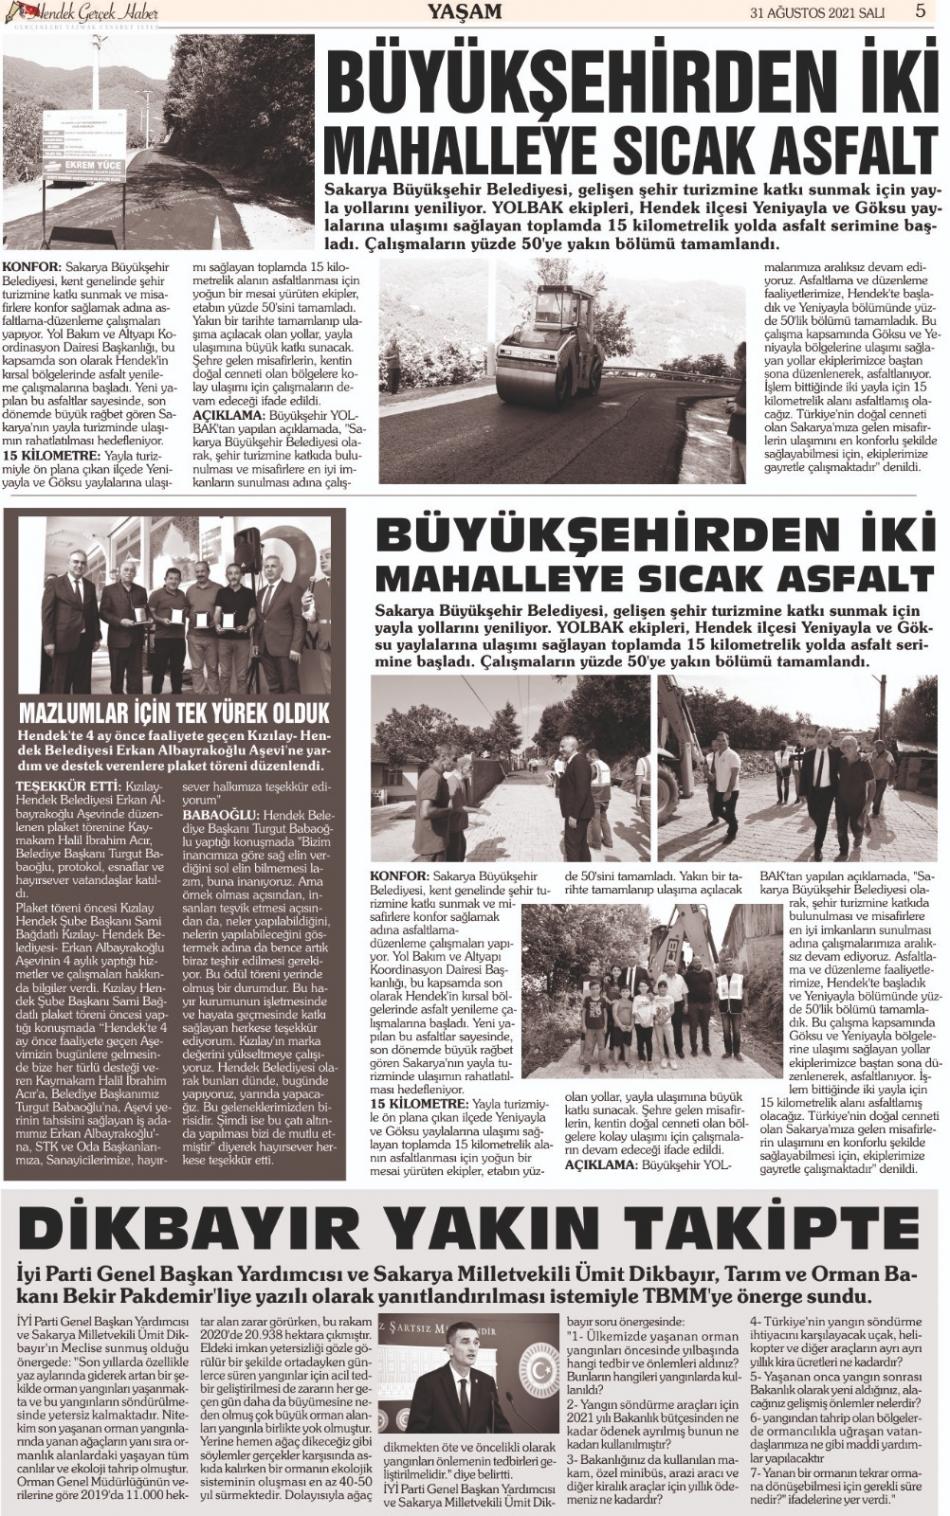 2021/09/1630583531_hendek_gercek_haber_agustos_2021-5.jpg